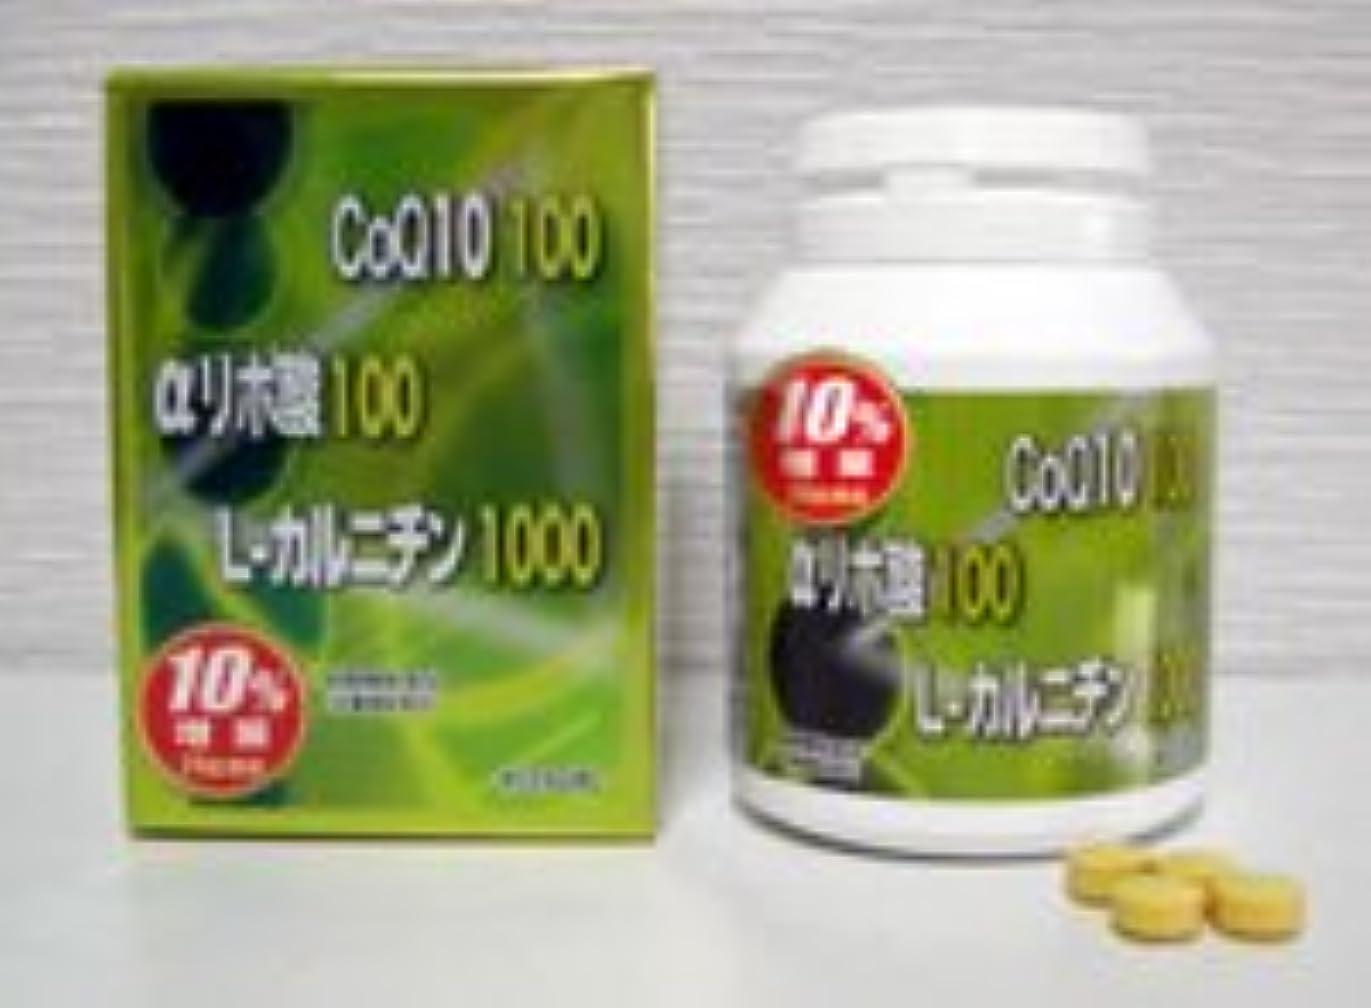 インスタンス粘性のカップダイエットサプリ CoQ10+αリポ酸+L-カルニチン 102.96g(390mg×約264粒)